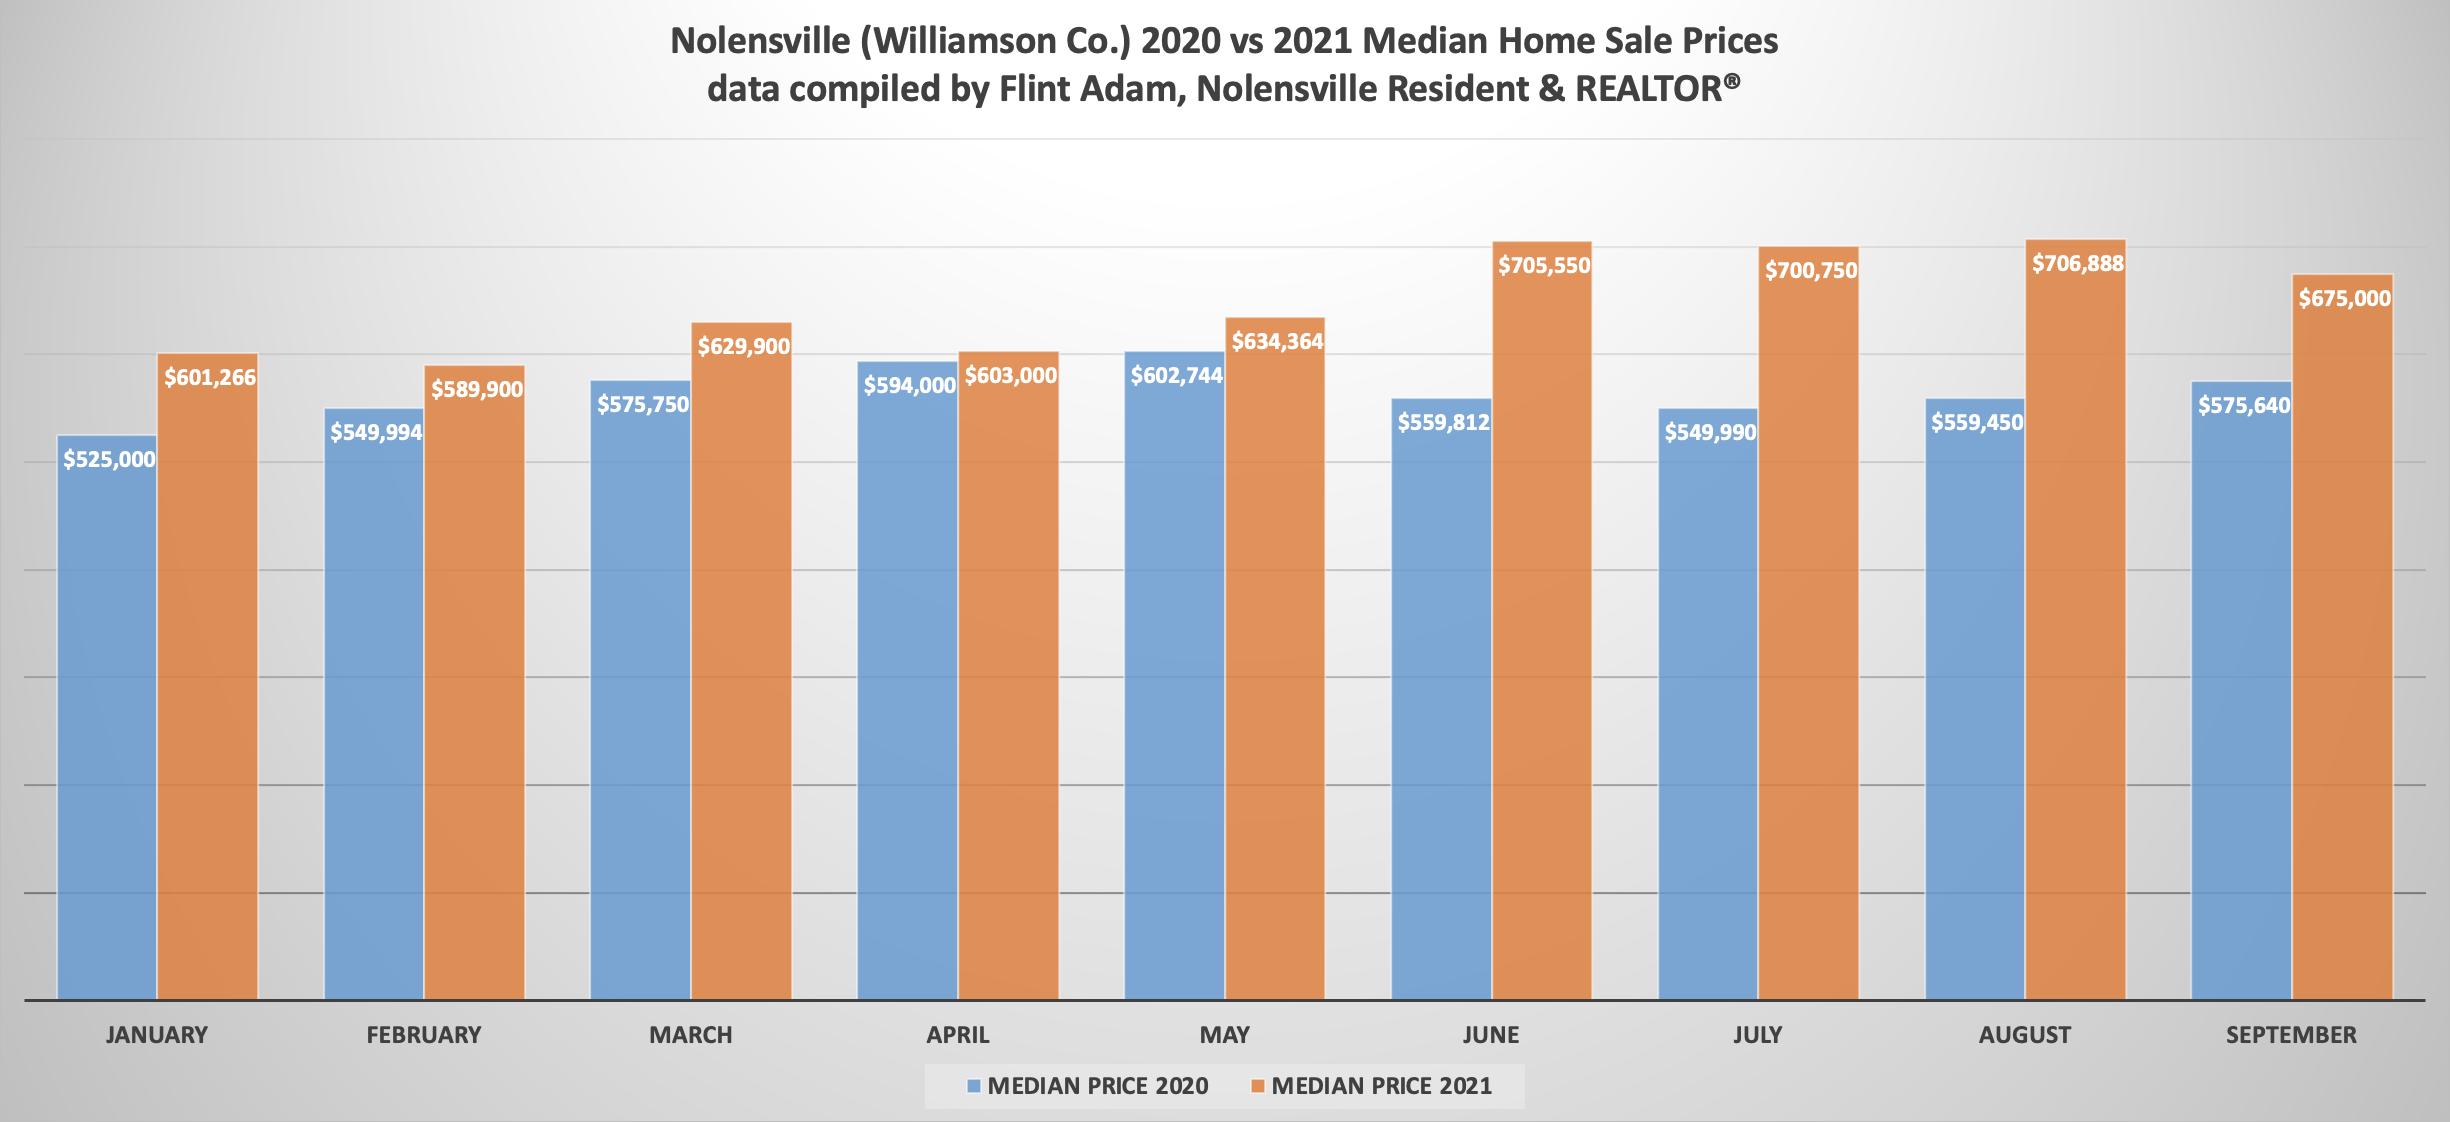 Nolensville 2020 vs 2021 Median Home Prices Comparison - September 2021